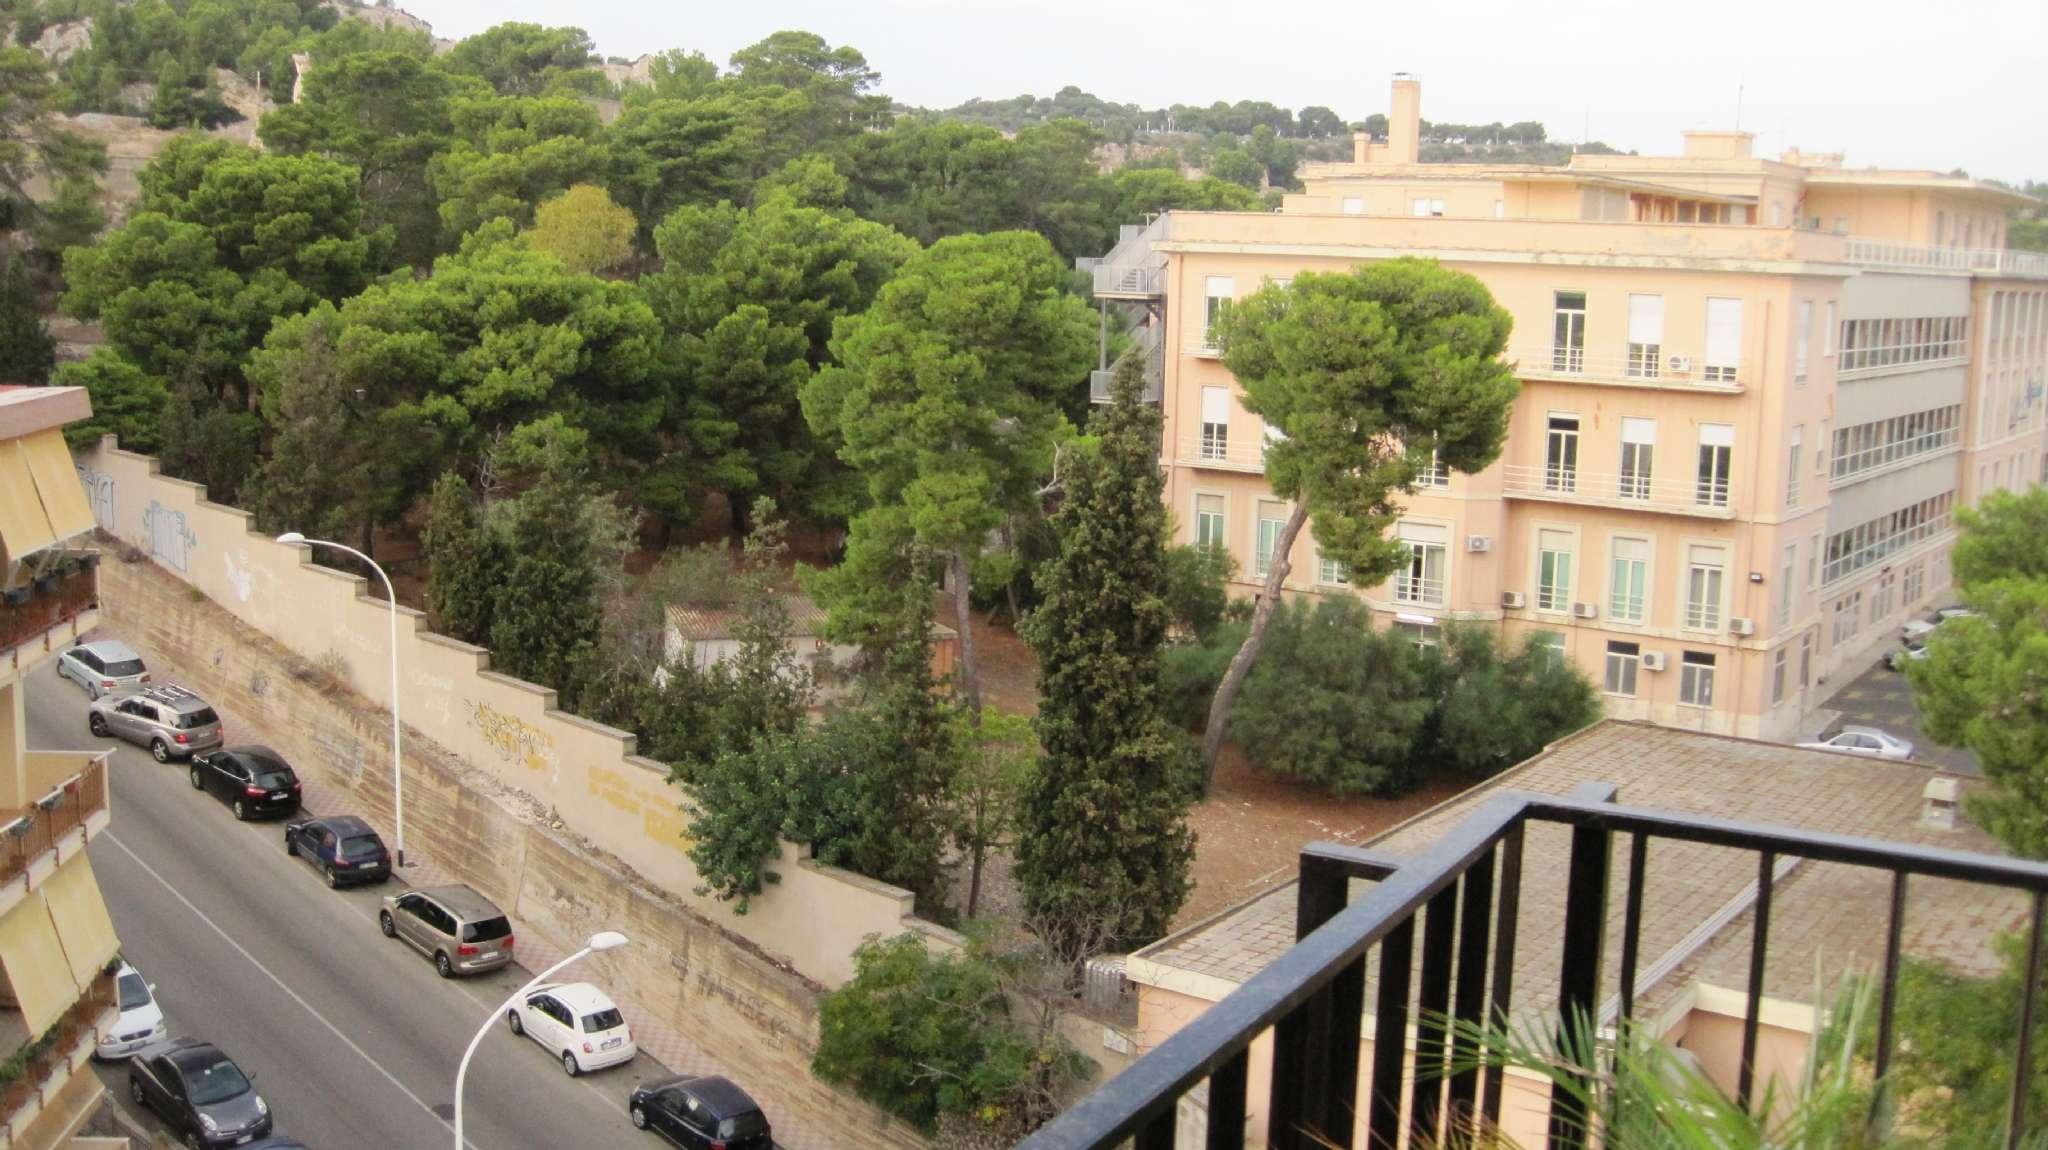 Attico / Mansarda in affitto a Cagliari, 9999 locali, prezzo € 800 | CambioCasa.it